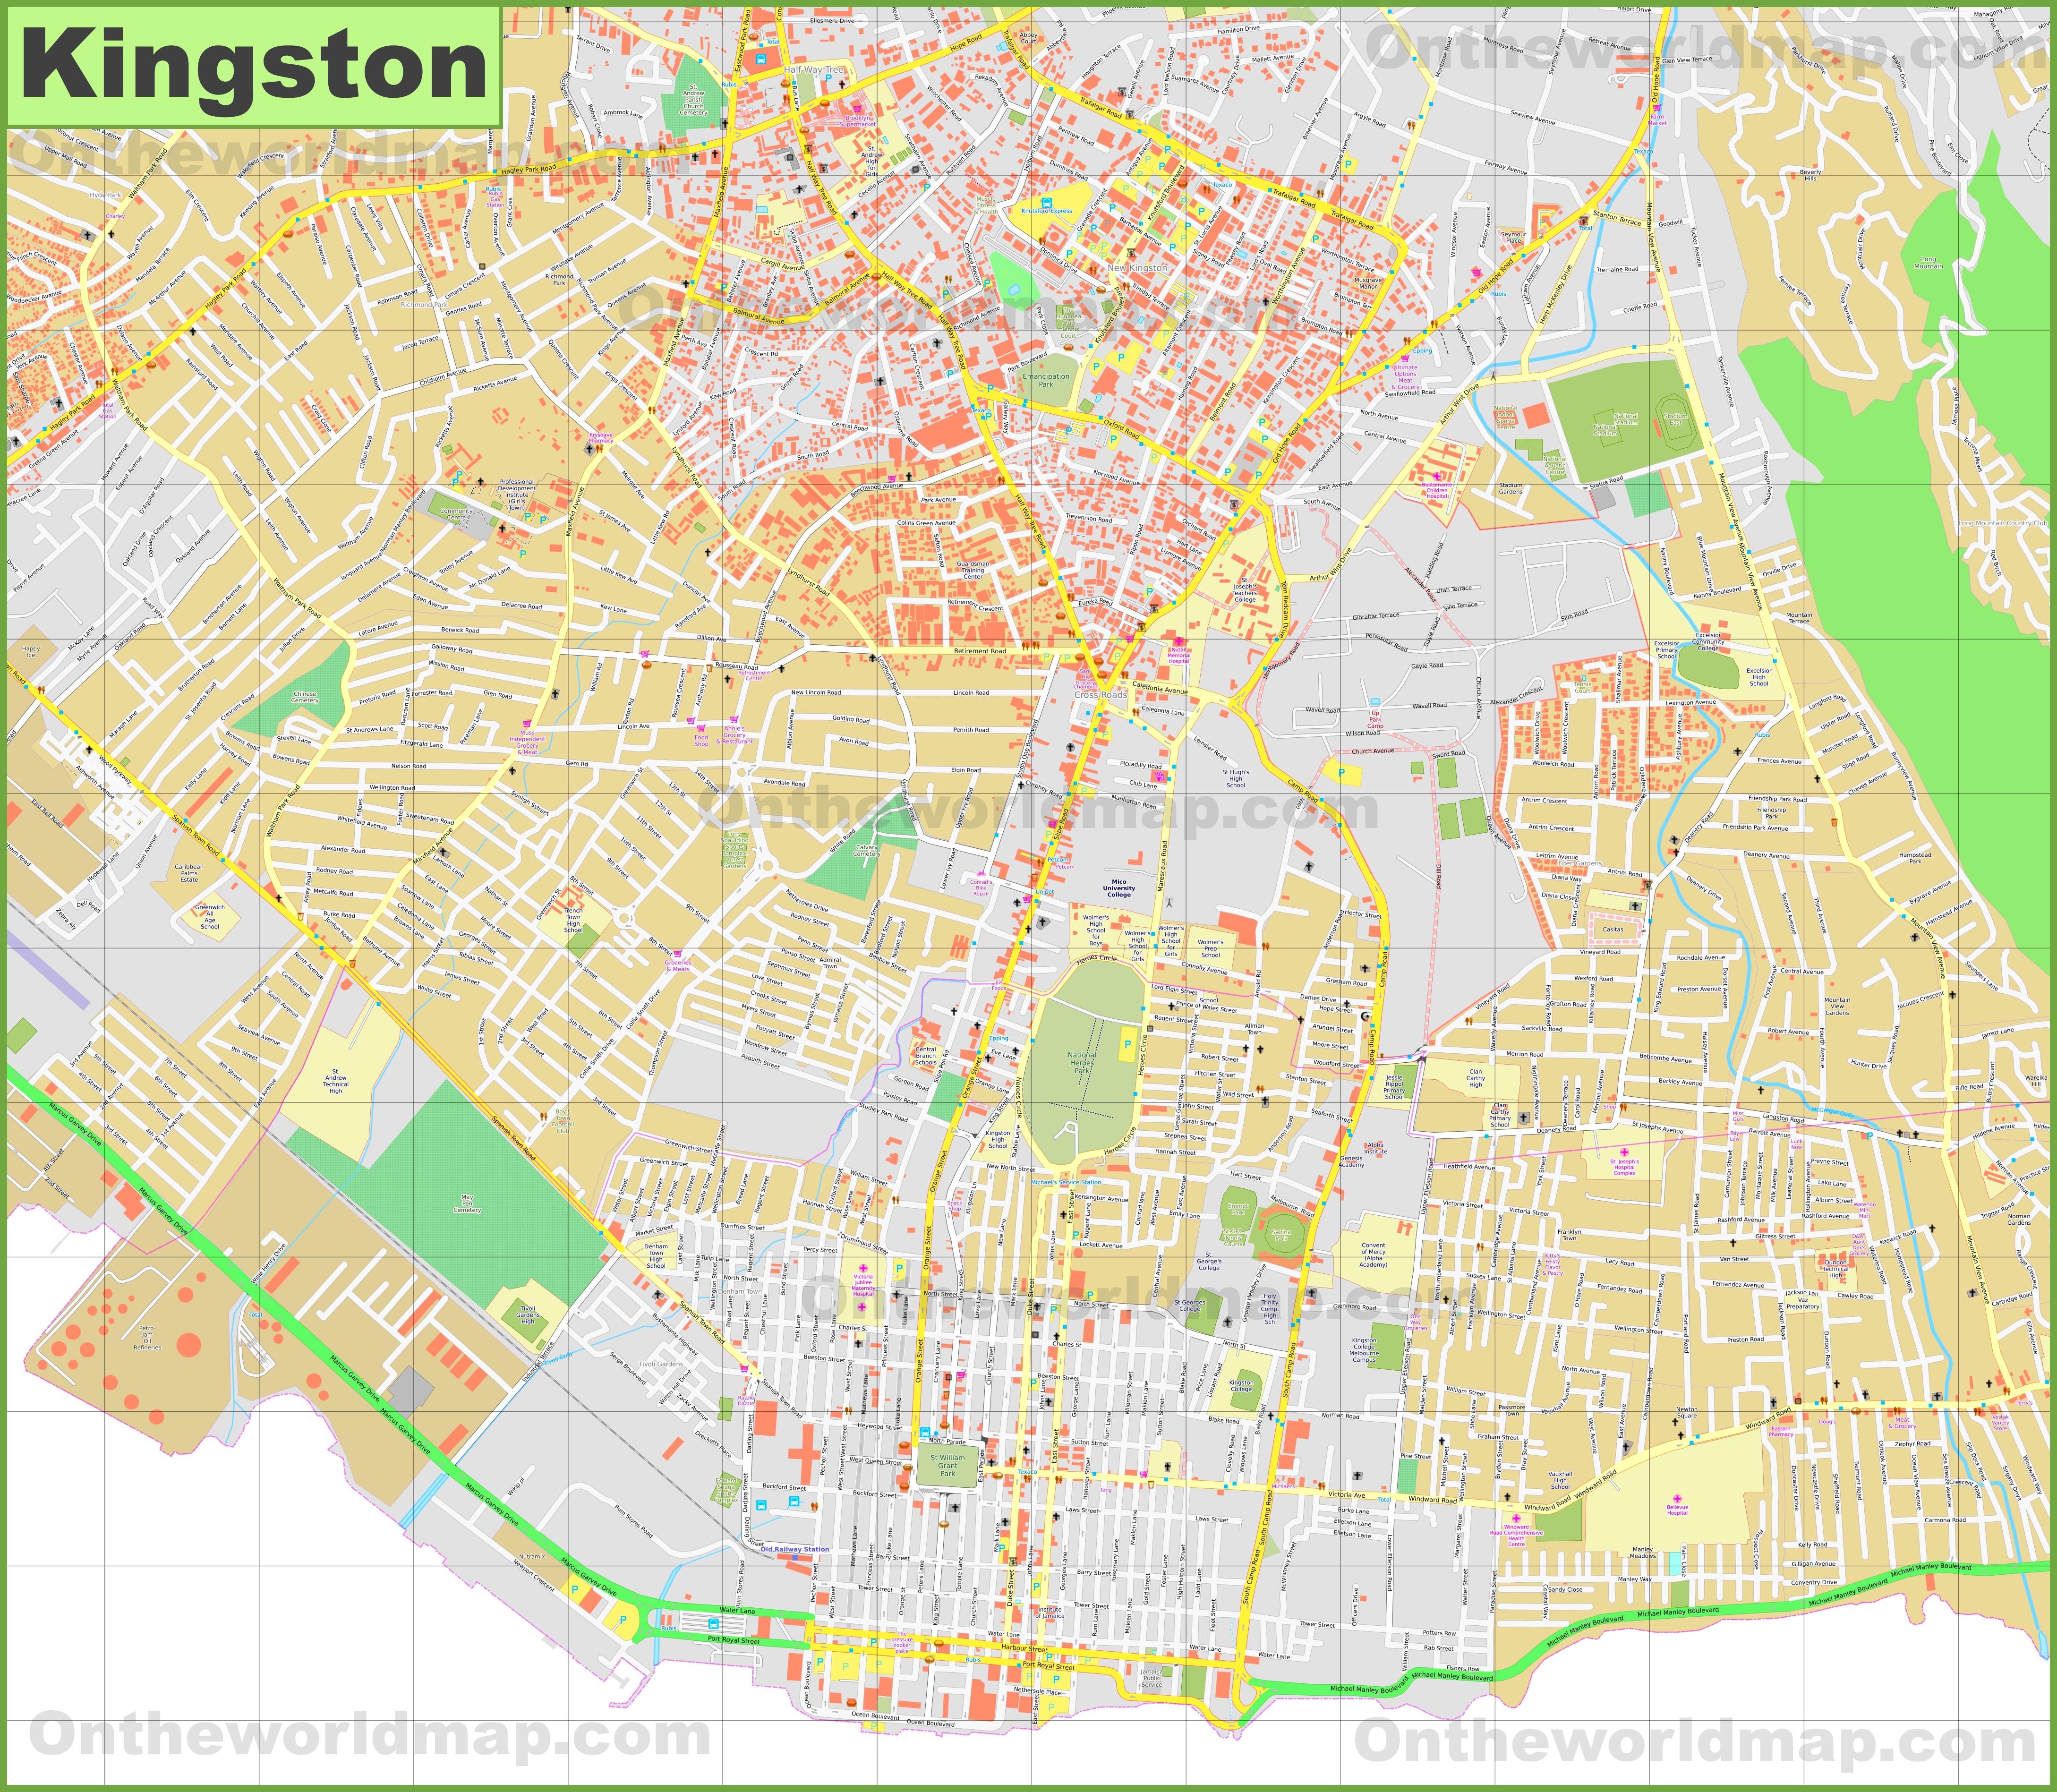 Kingston city center map